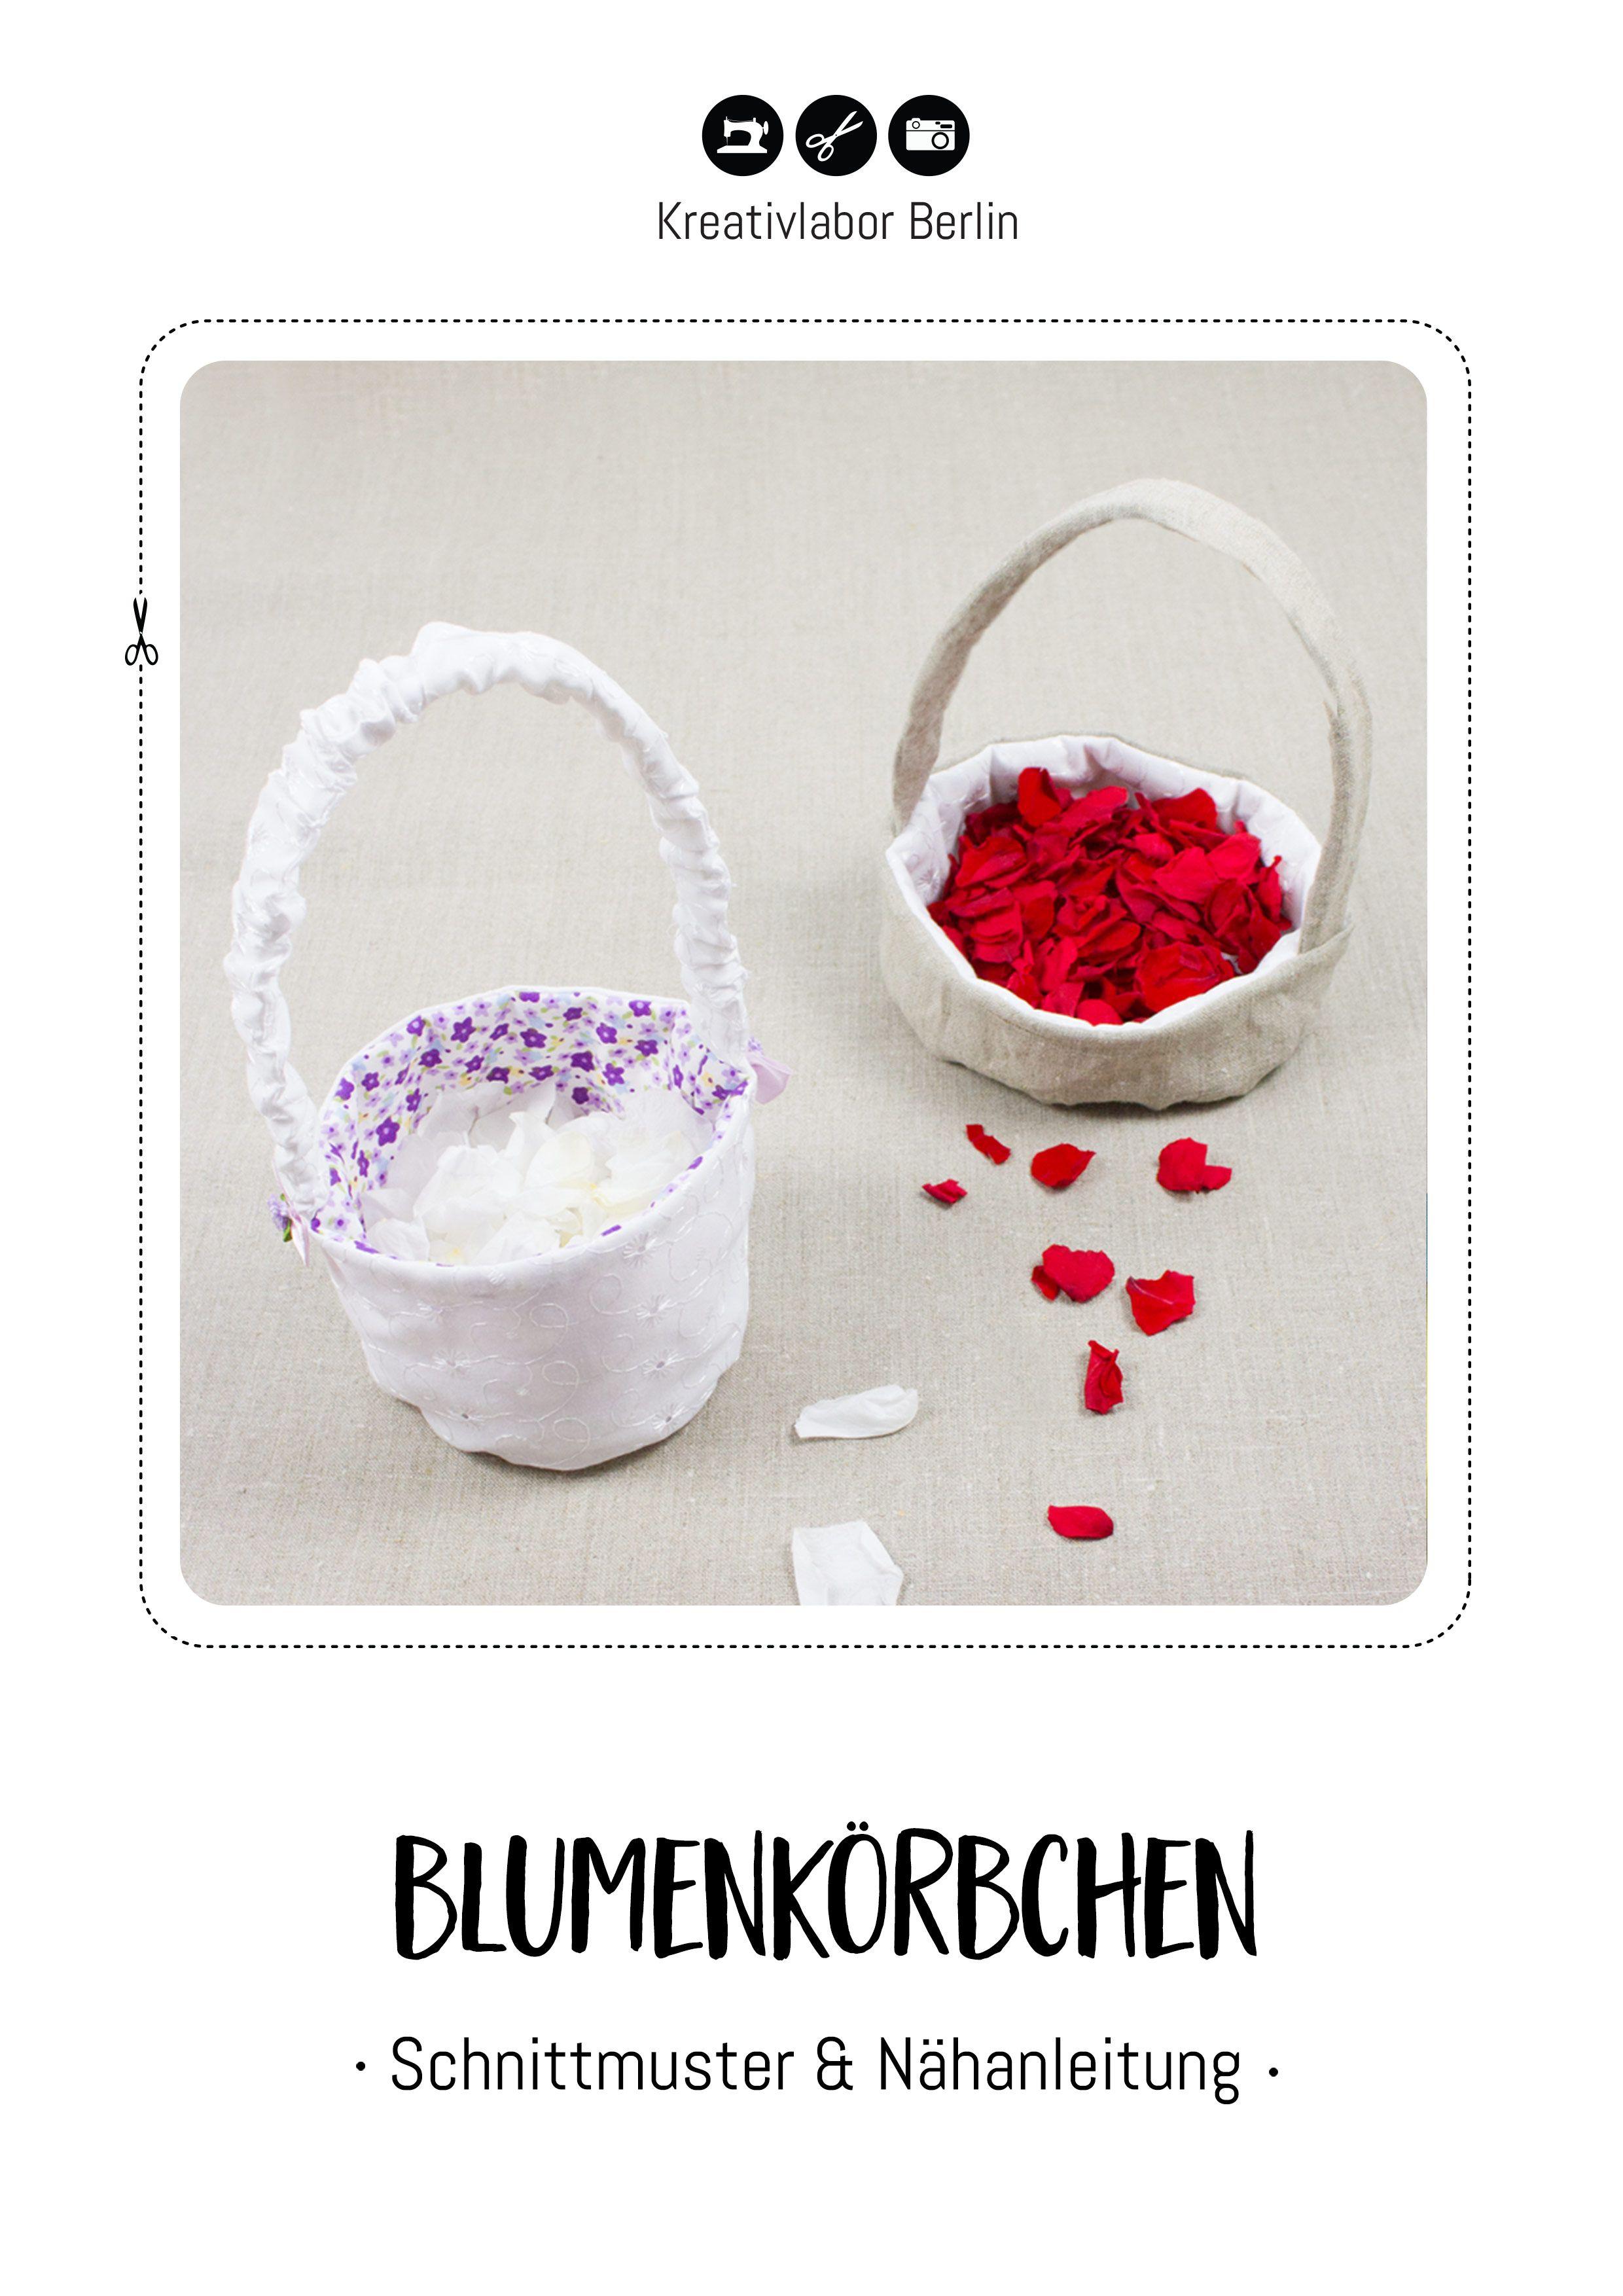 Blumenkorbchen Fur Die Hochzeit In 2 Varianten Blumenkorbchen Hochzeit Tolle Geschenke